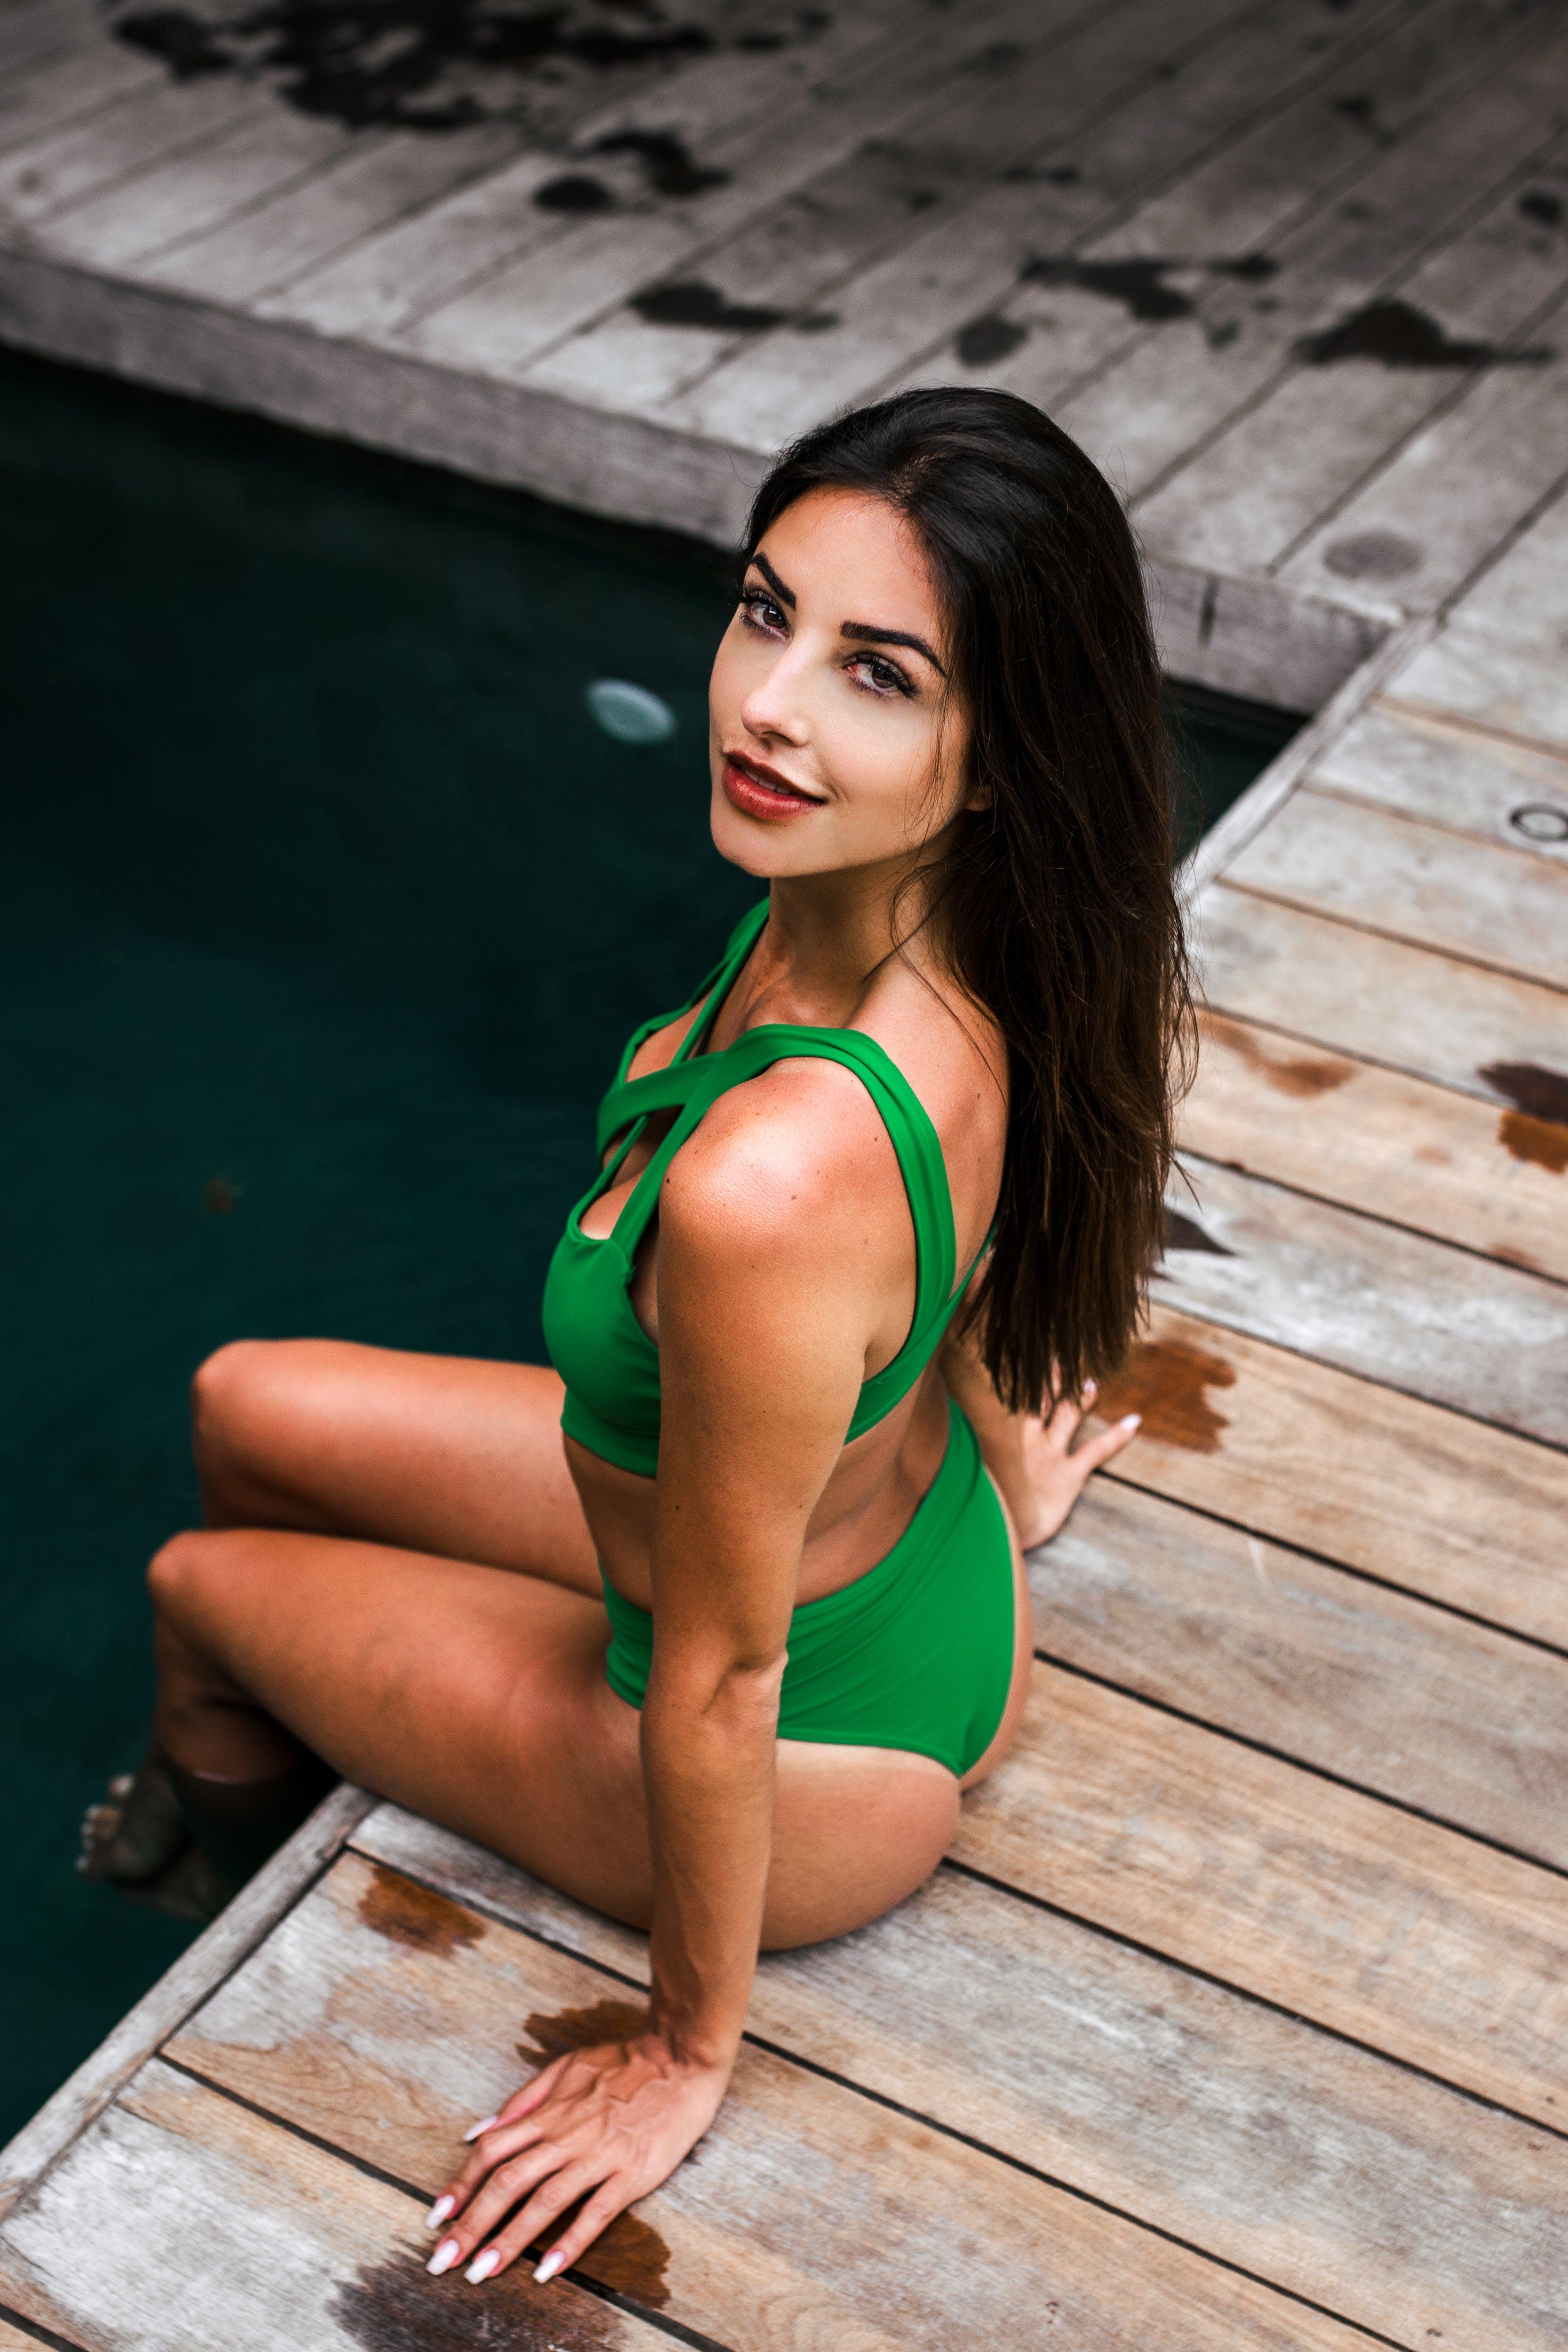 Photo of Woman Wearing Green Bikini